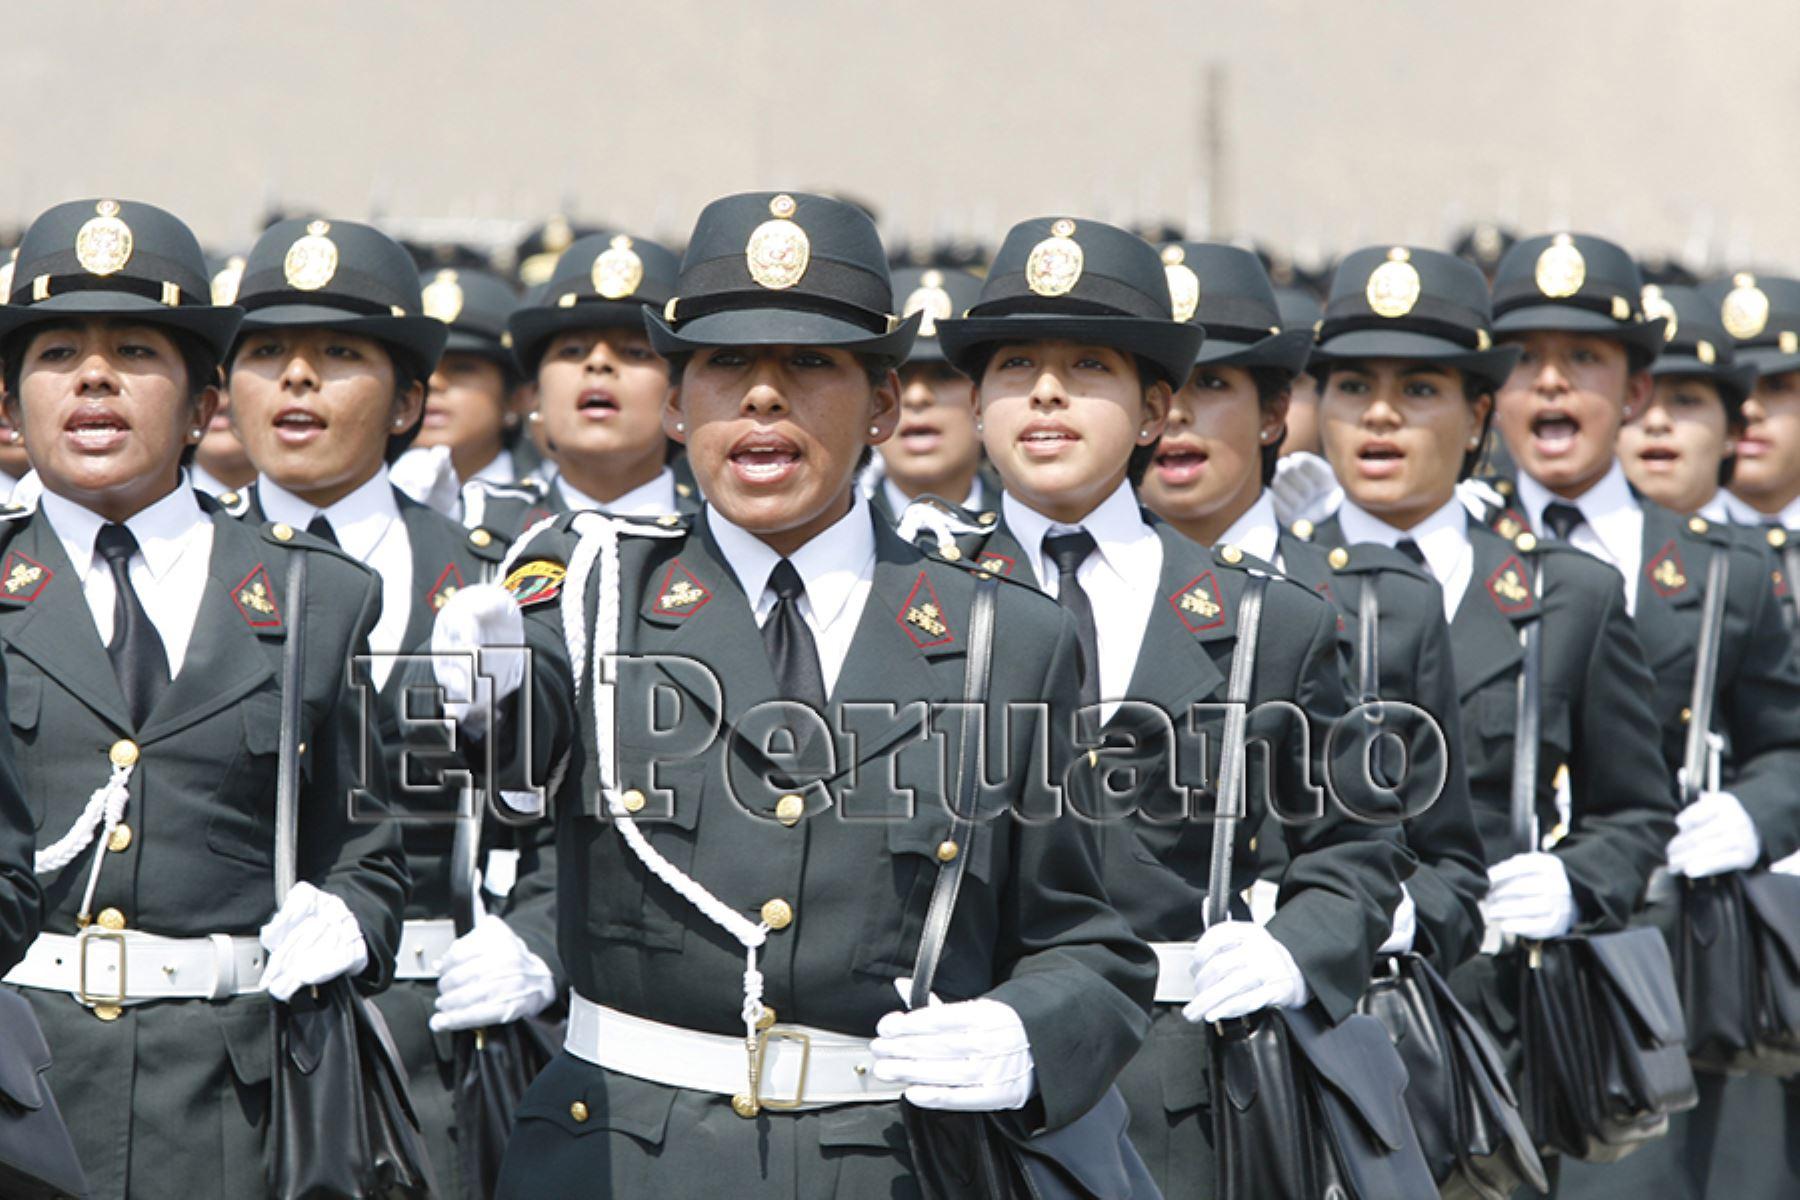 Lima – 18 mayo 2007 / Ceremonia de graduación de suboficiales de mujeres policías de la PNP, en Puente Piedra. Foto: Archivo EL PERUANO